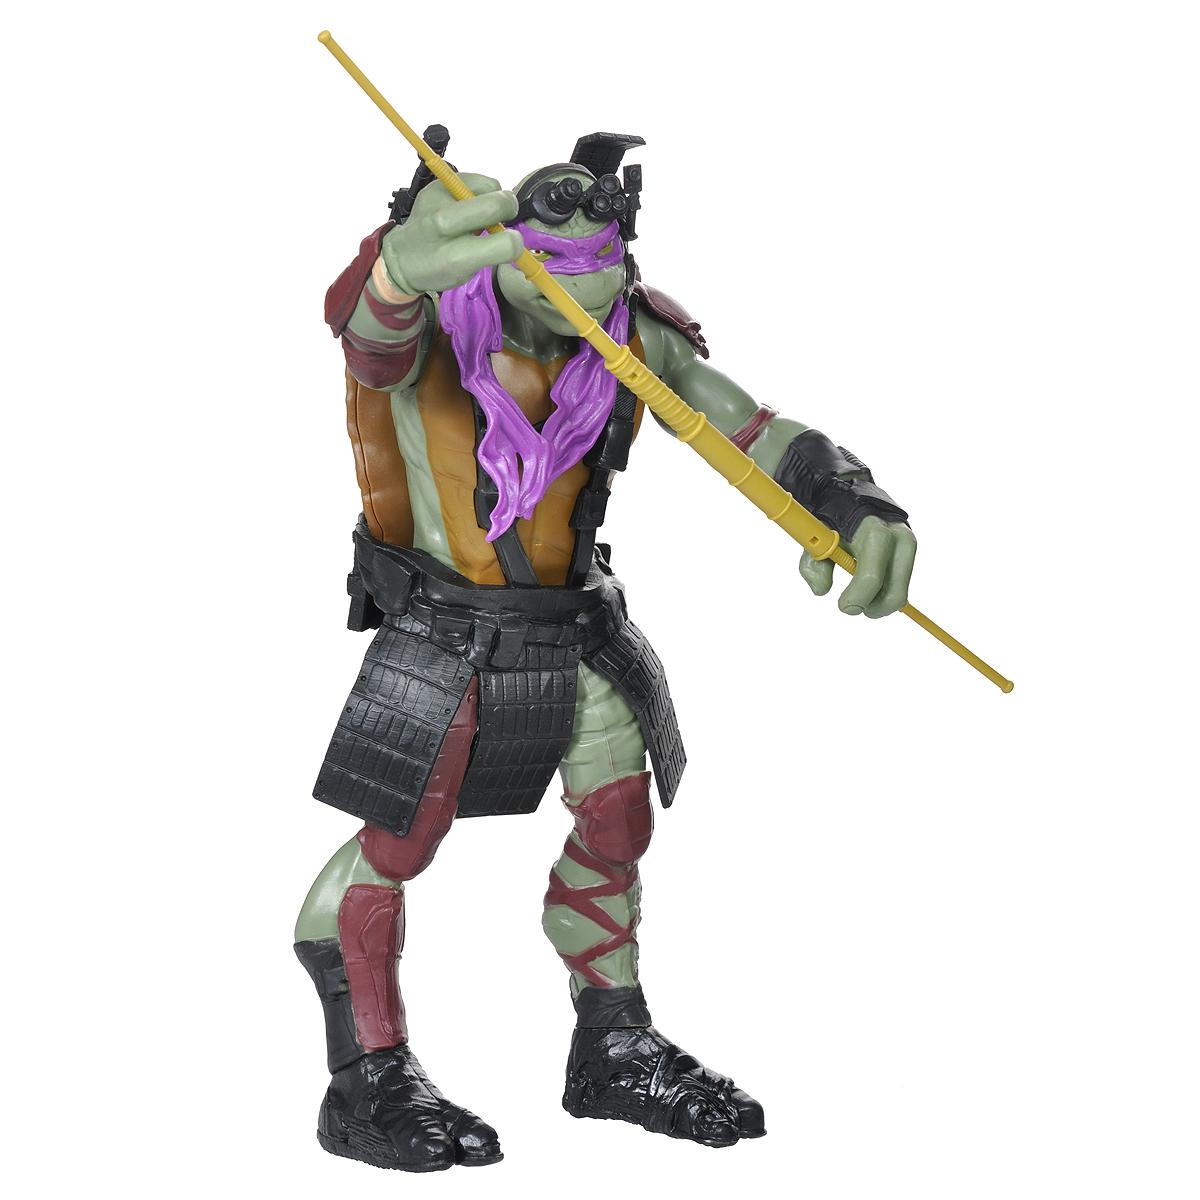 Фигурка Turtles Донателло, 28 см. 91555_9155791557Большая фигурка Turtles Донателло станет прекрасным подарком для вашего ребенка. Она выполнена из прочного пластика в виде персонажа команды TMNT - Черепашки-Ниндзя Донателло в боевом снаряжении. Голова, руки и ноги фигурки подвижны, что позволит придавать Донателло различные позы. В комплект входит его оружие - шест-бо. Ваш ребенок будет часами играть с этой фигуркой, придумывая различные истории с участием любимого героя. Они подверглись мутации и обучались искусству ниндзюцу у великого сэнсэя Сплинтера. Черепашки-Ниндзя готовы выбраться из своего секретного убежища и спасти мир от сил зла! Черепашки-Ниндзя впервые появились на страницах комиксов в далеких 80-х. Черепашки перебрались на телевидение по воле студии Murakami-Wolf-Swenson (MWS) и продолжали радовать своих поклонников в течение десяти лет (1987-1996). 5 лет подряд были признаны сериалом №1. За это время было показано более 190 эпизодов, а озорные и веселые герои успели покорить сердца фанатов по...